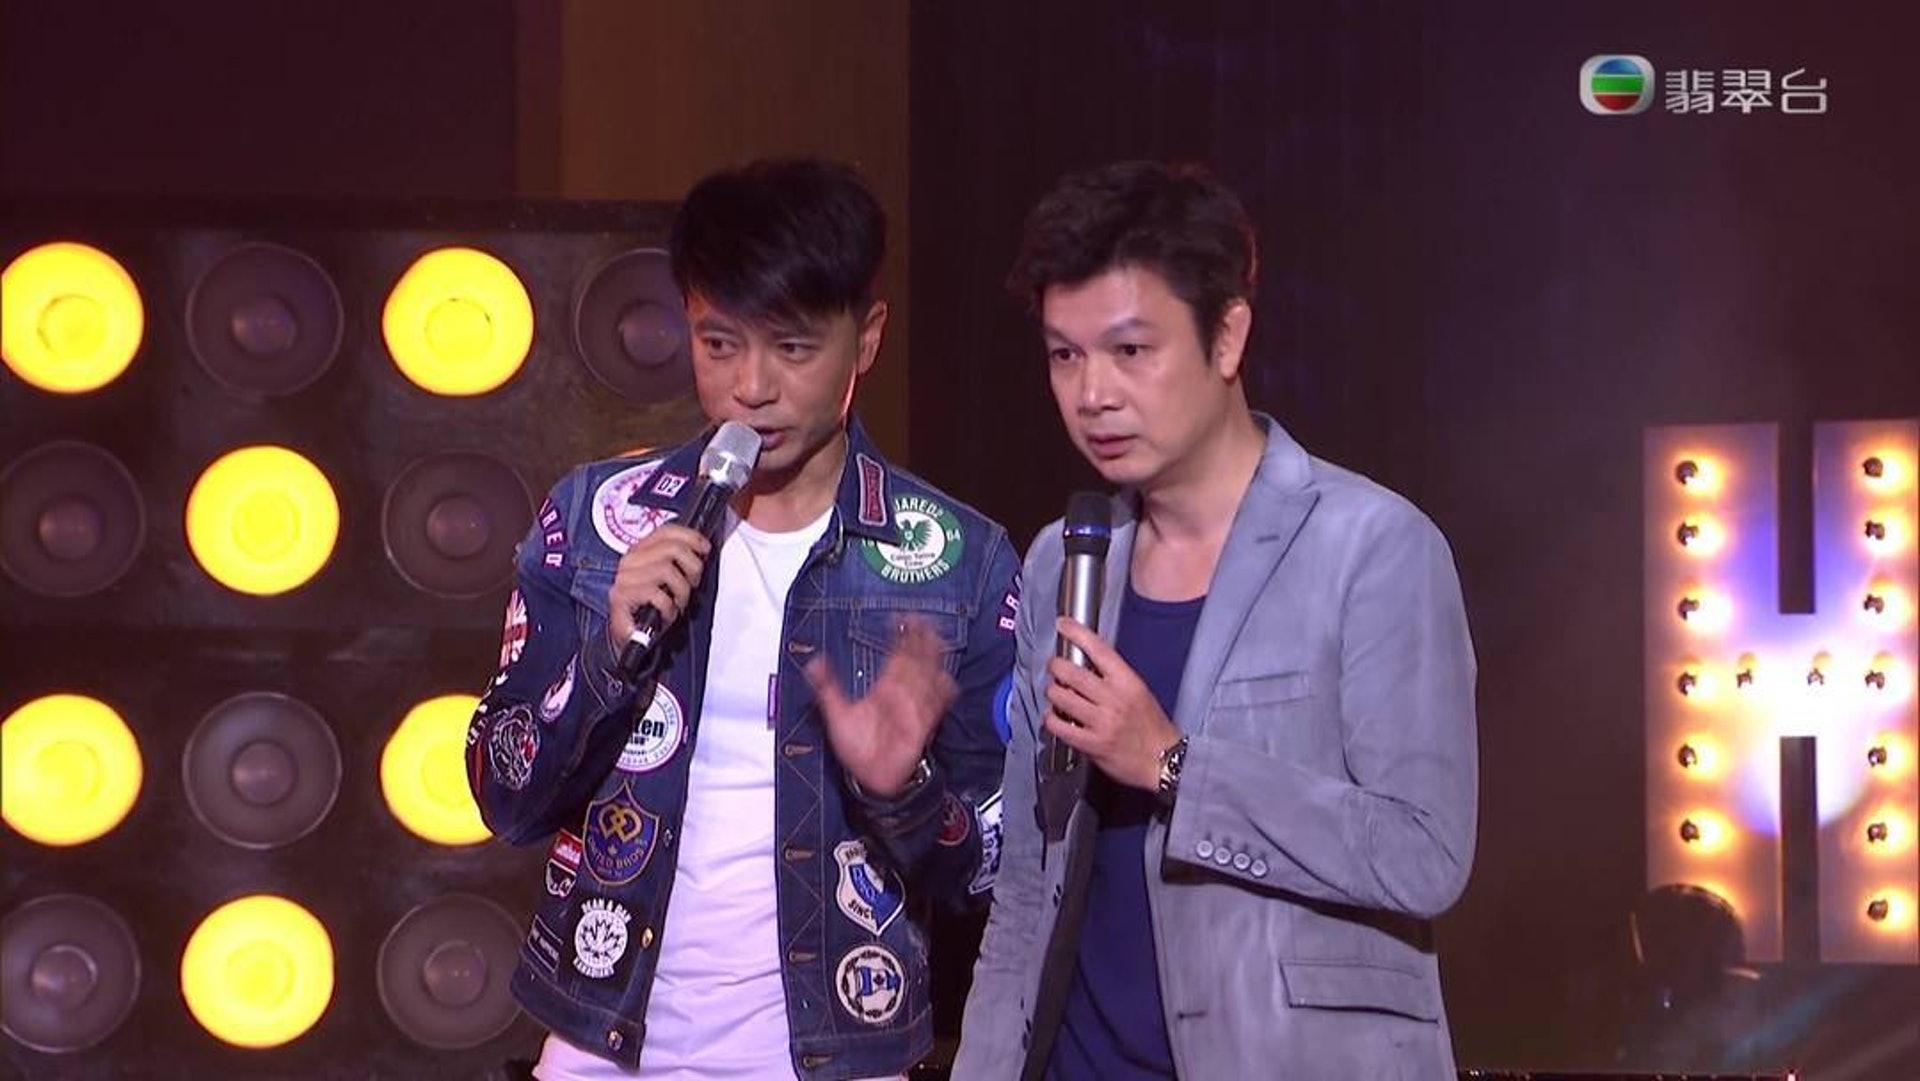 梁榮忠和李克勤是最佳拍檔,曾一起主持《叻人新世紀》及《殘酷一叮》。(網上圖片)